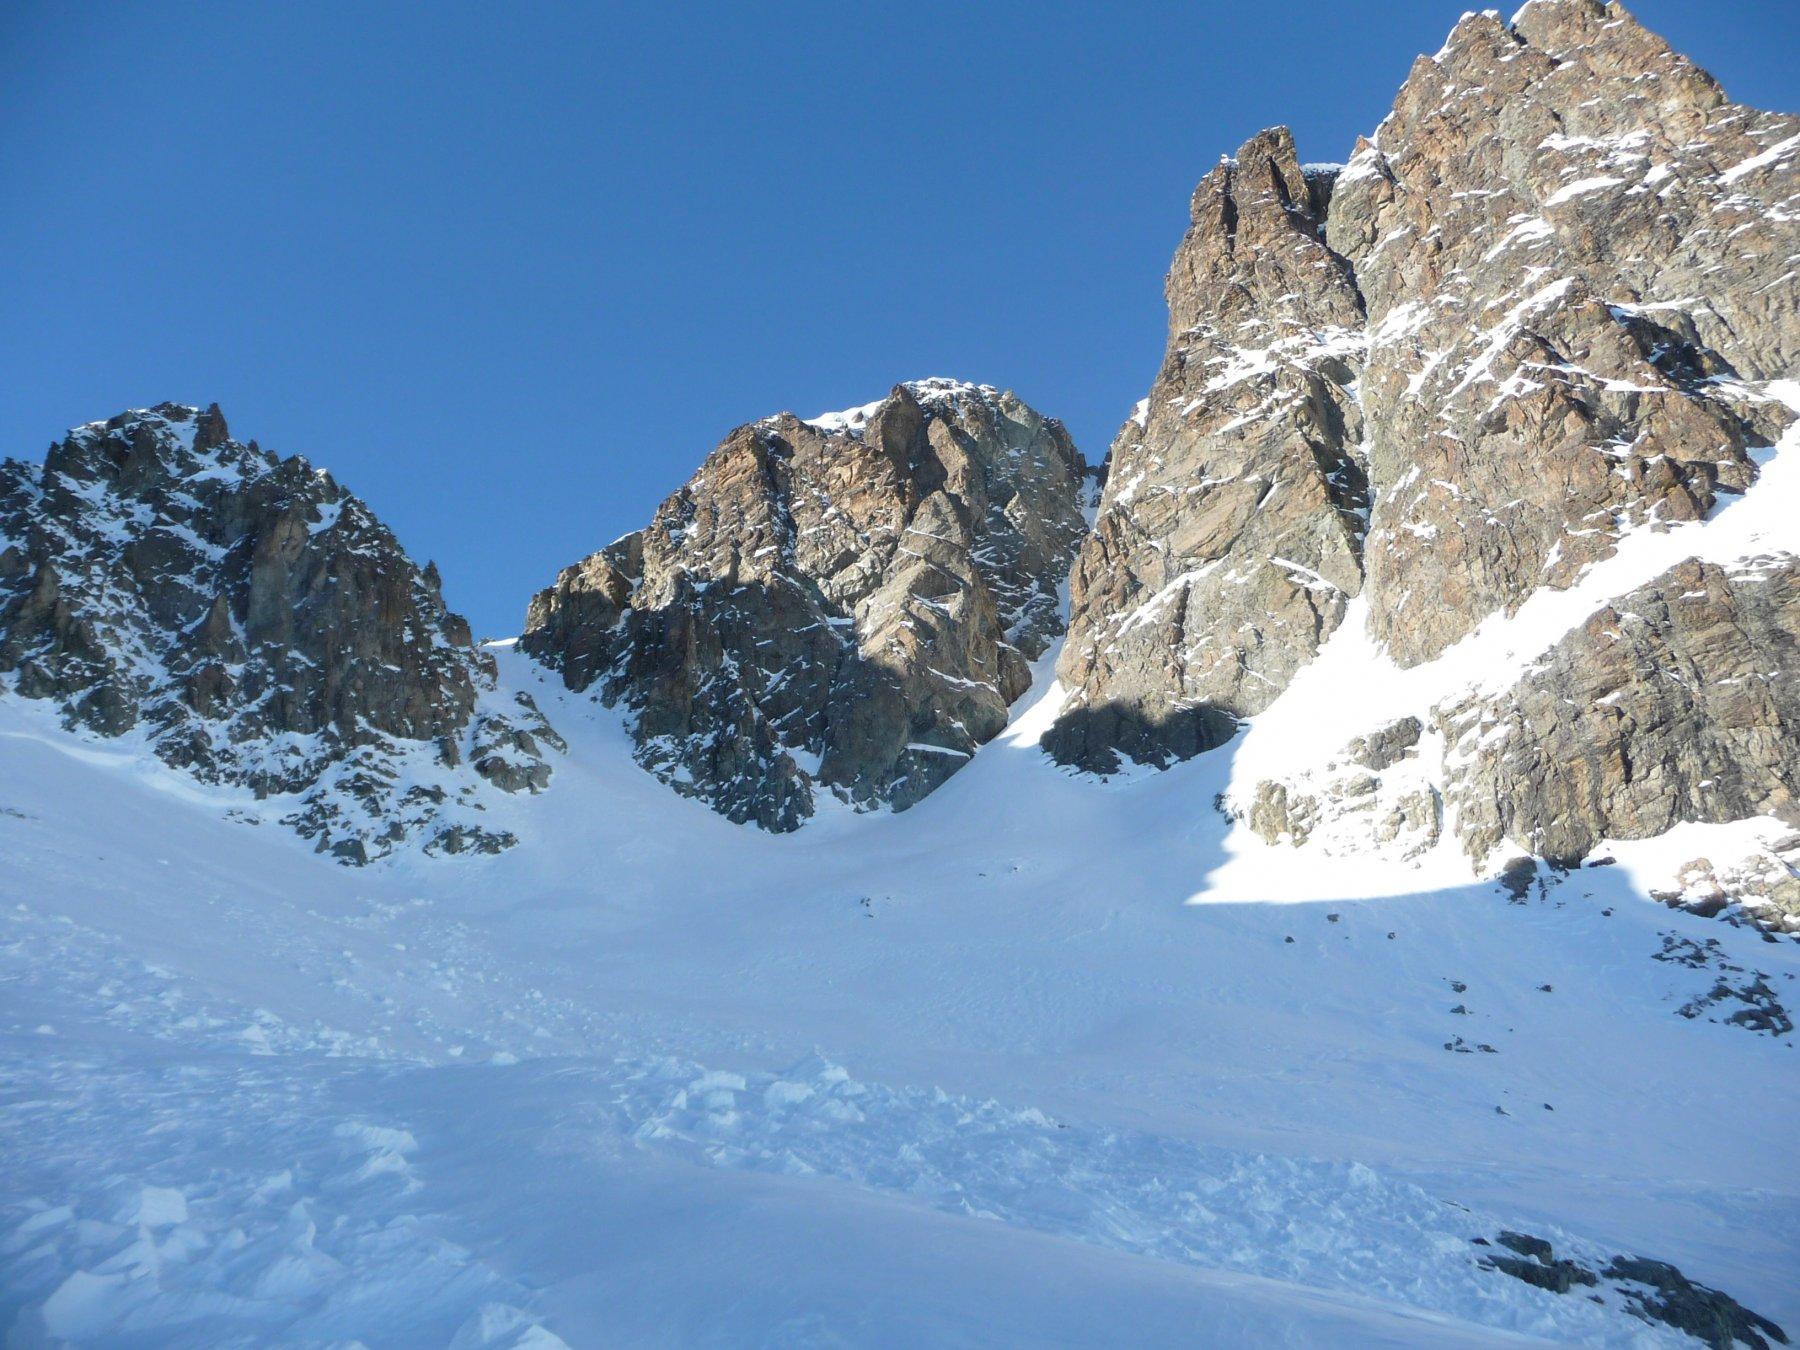 Canale al centro dal ghiacciaio de Roisetta